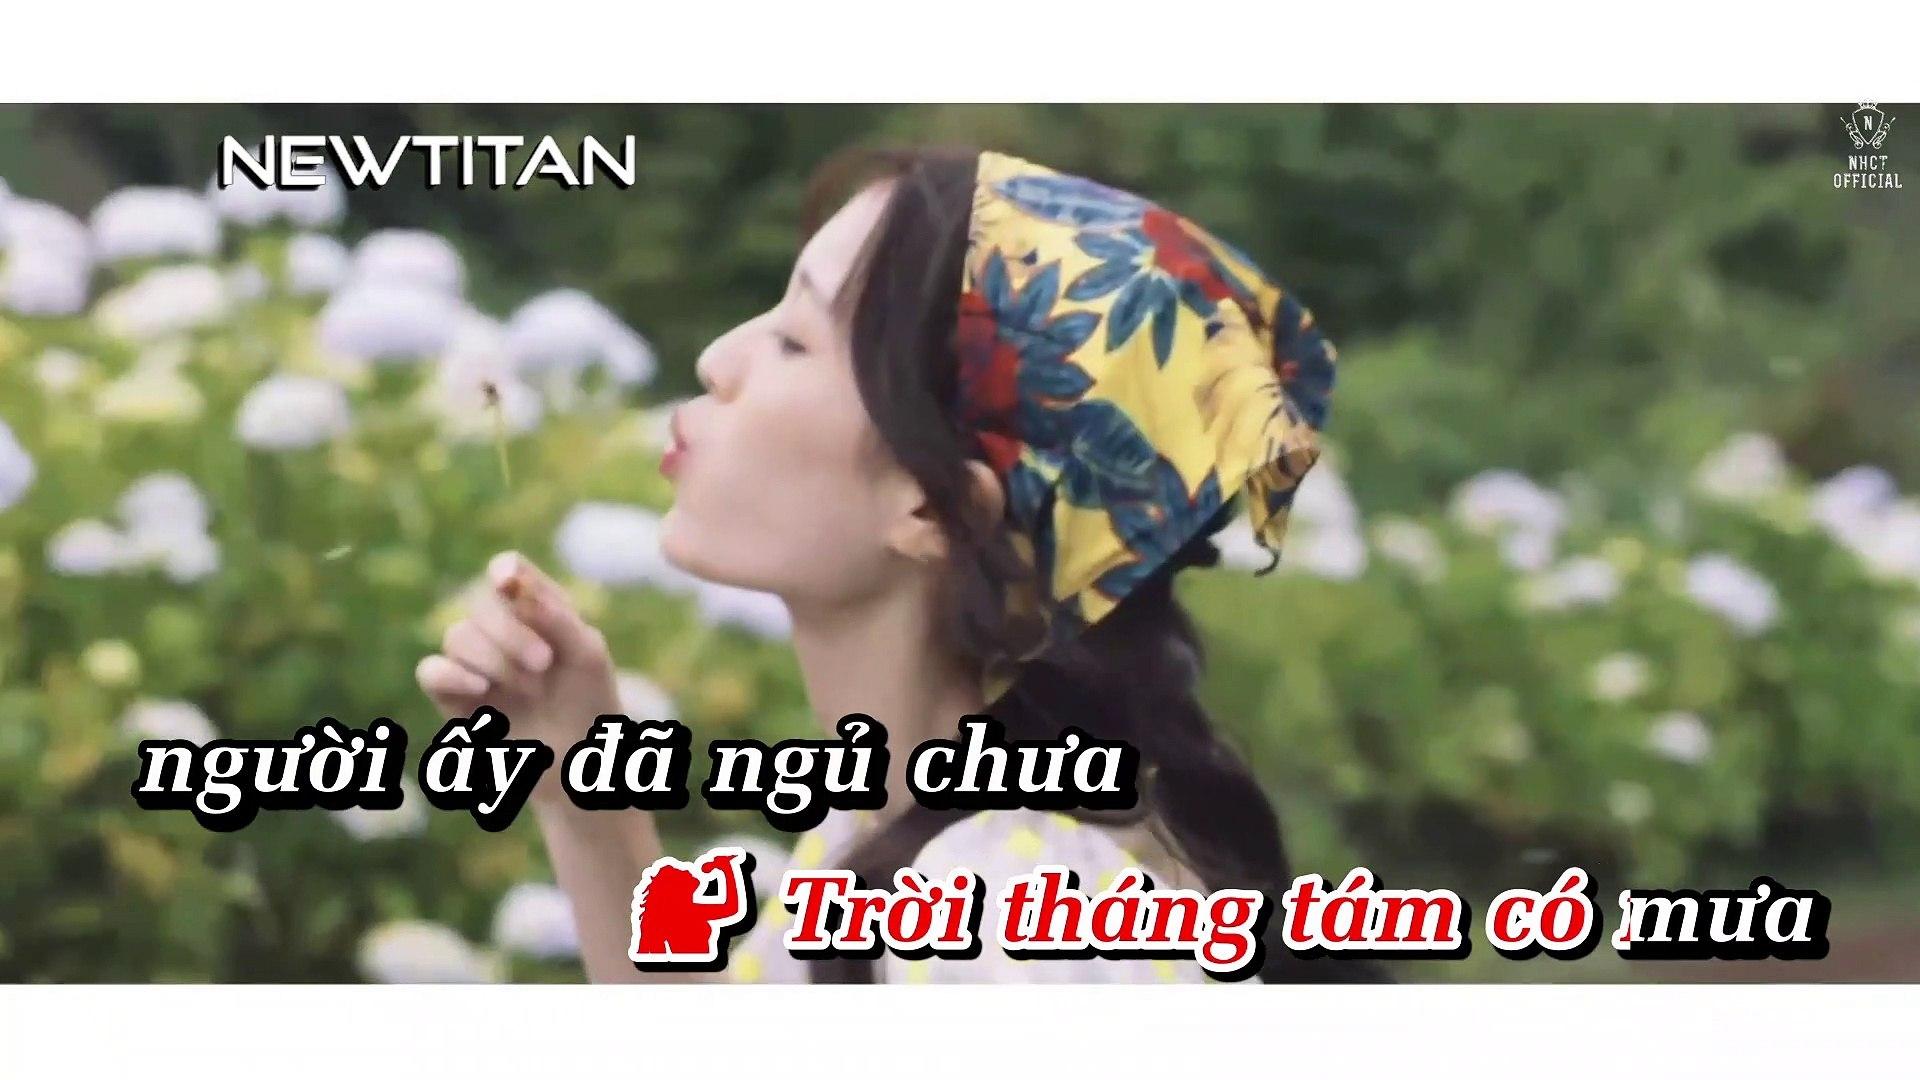 [Karaoke] Đếm Cừu - Han Sara Ft. Kay Trần [Beat]